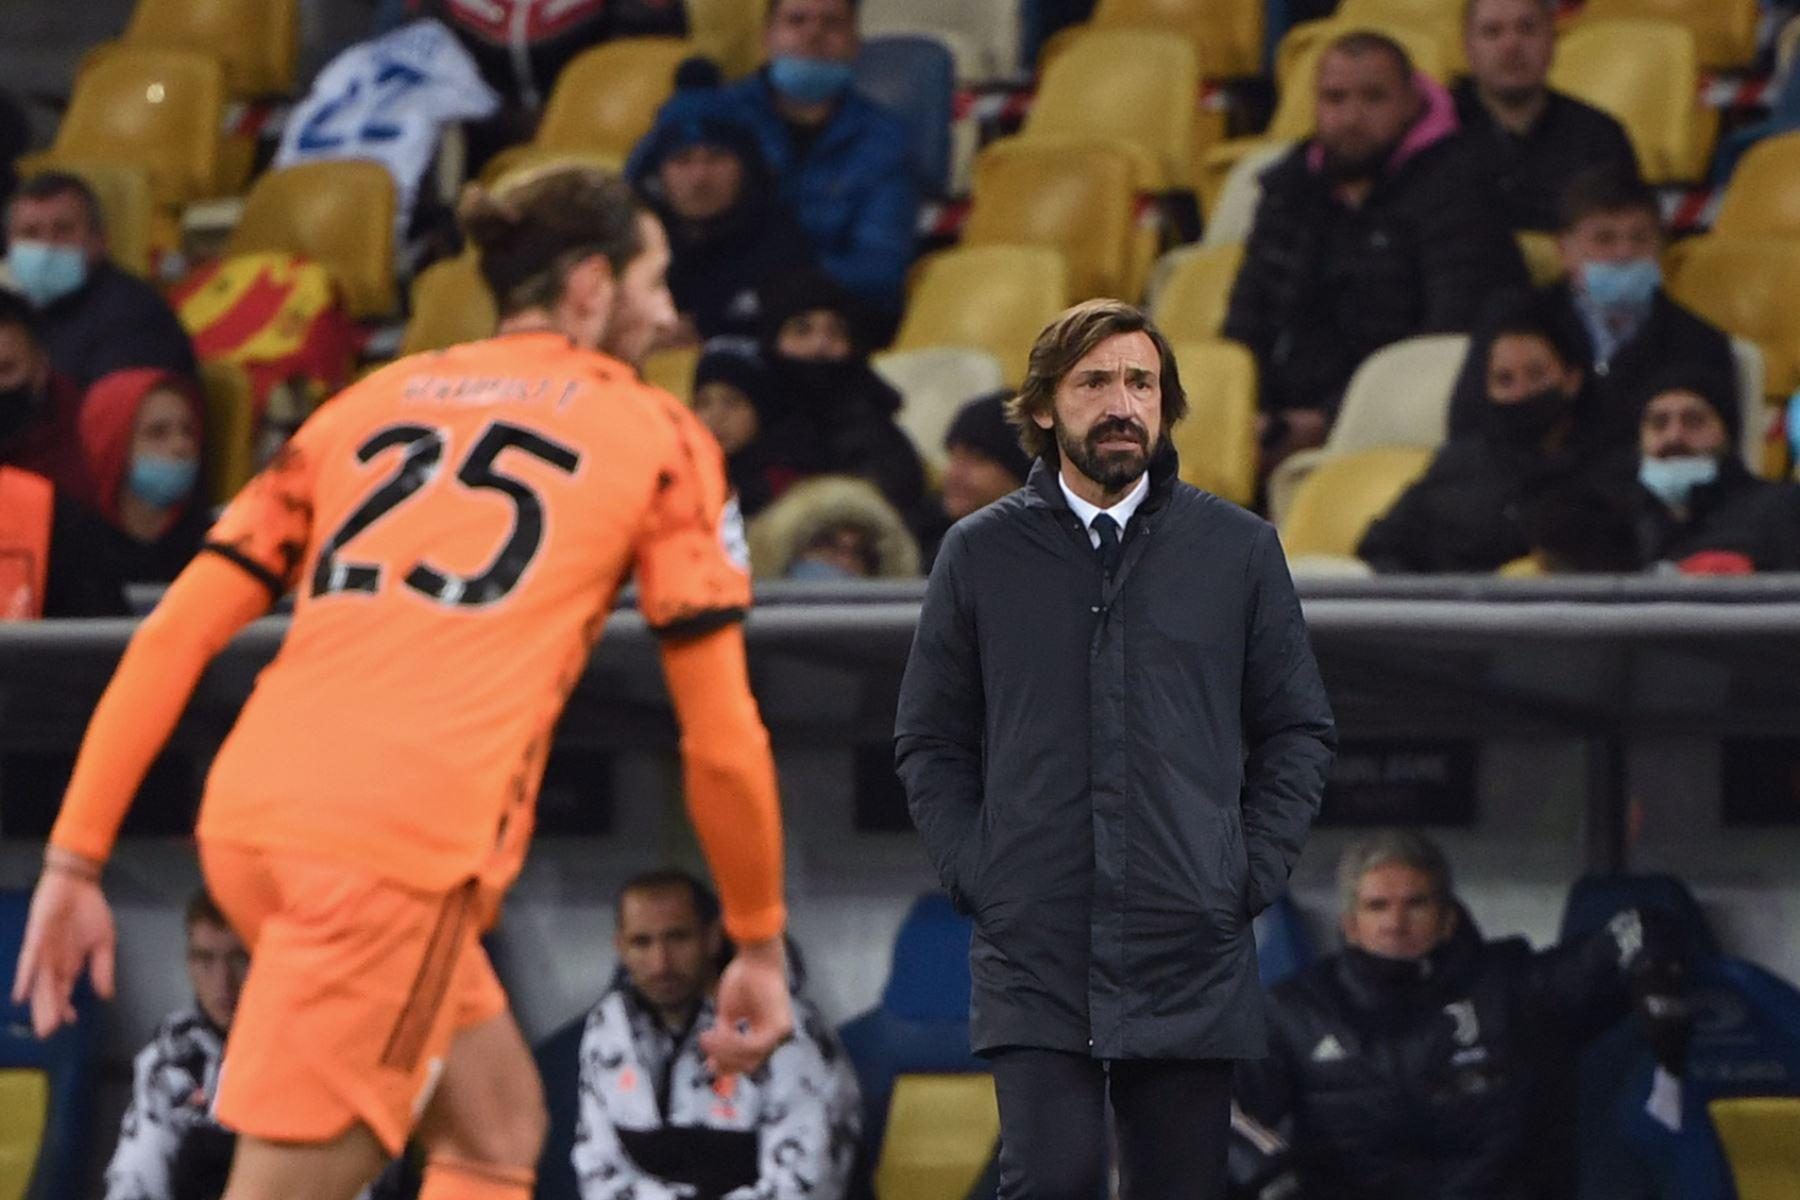 El entrenador italiano de la Juventus, Andrea Pirlo, observa el partido de su equipo ante  Dynamo Kiev por grupo G de la Liga de Campeones de la UEFA. Foto: AFP